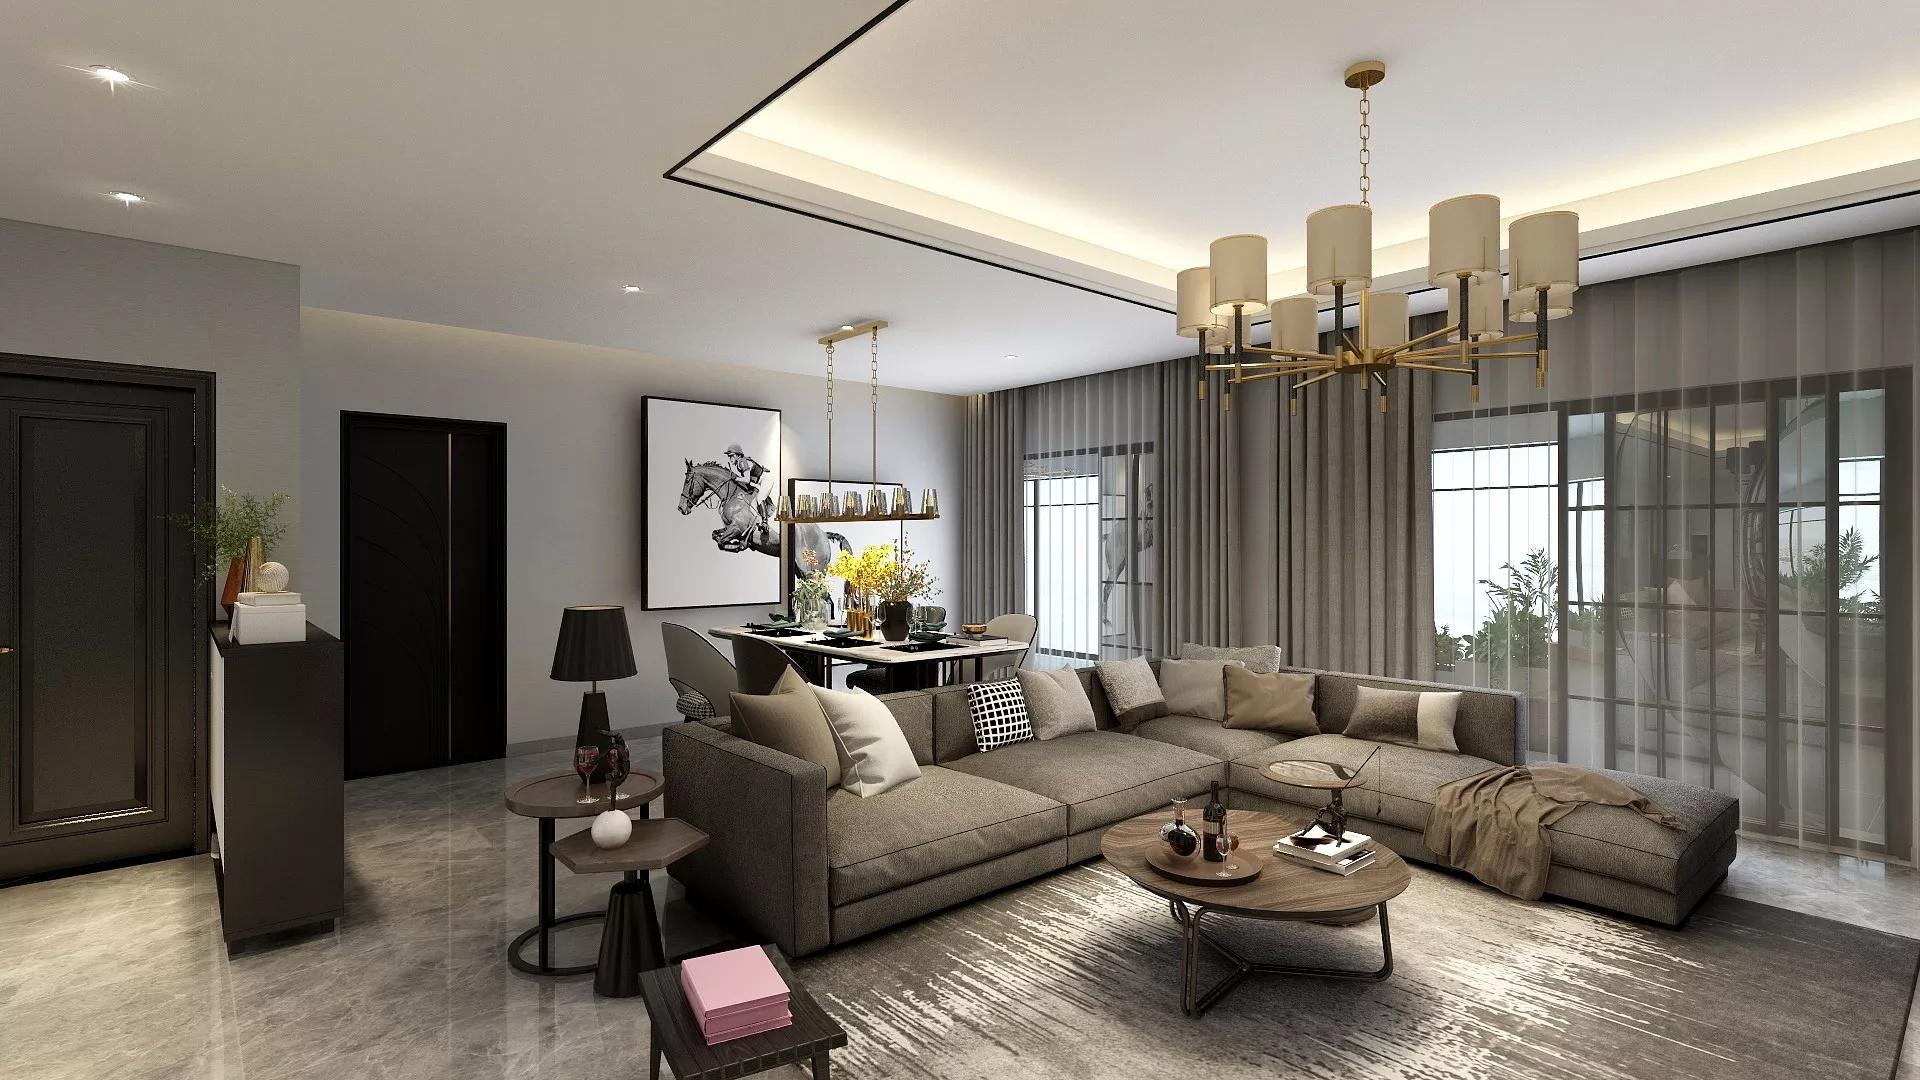 客厅颜色如何搭配 客厅装修如何设计